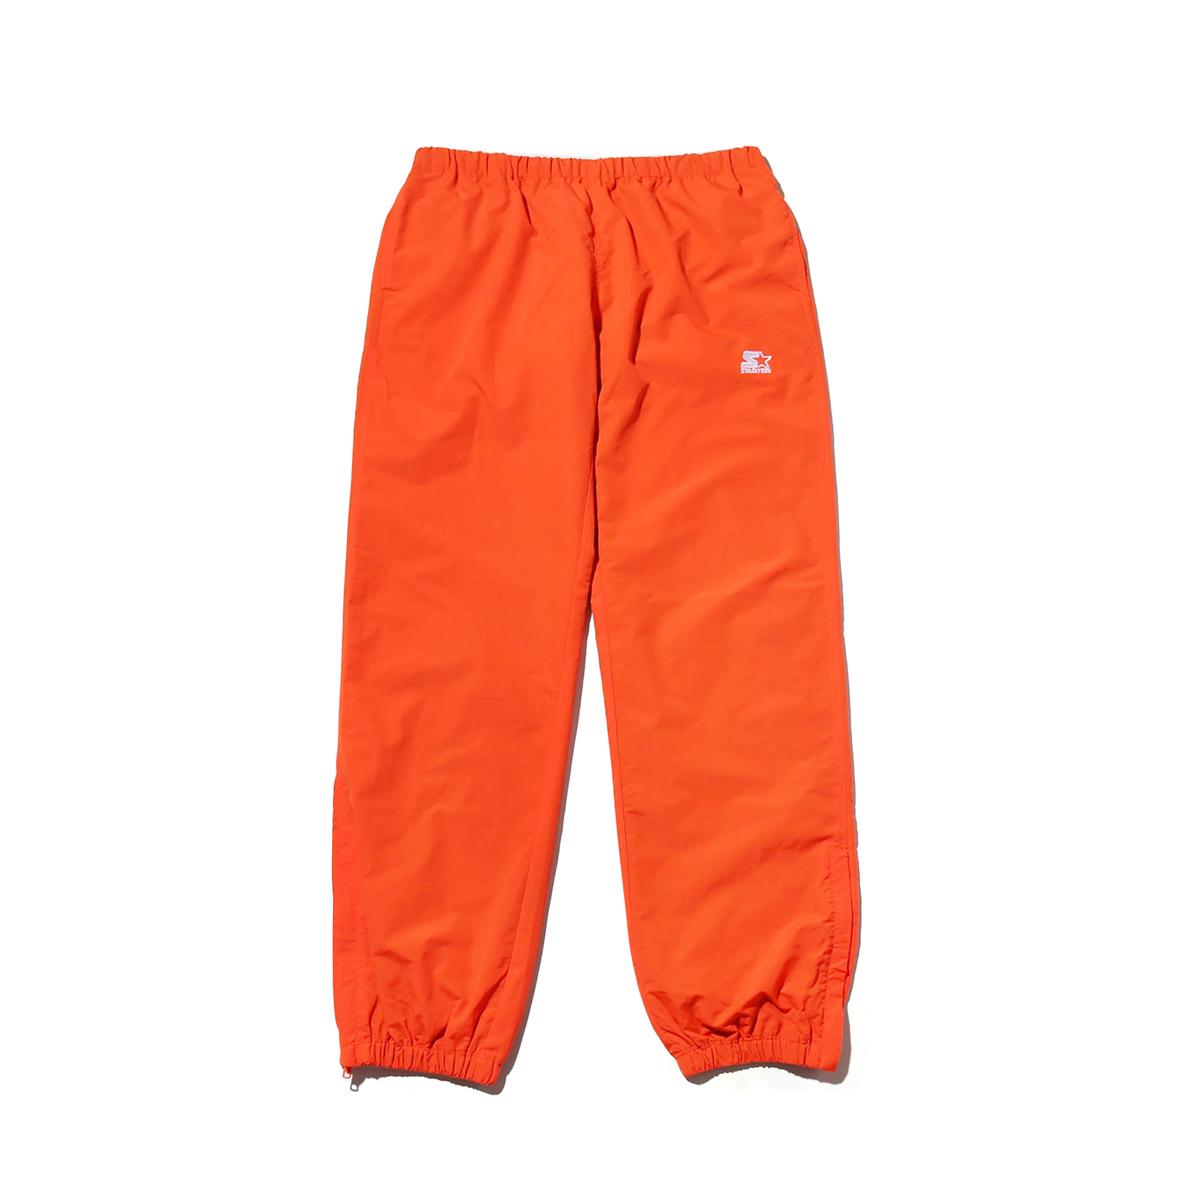 STARTER BLACK LABEL x ATMOS LAB WARM UP PANTS(スターター ブラックレーベル アトモスラボ ウォームアップ パンツ)orange【メンズ パンツ】18FW-S